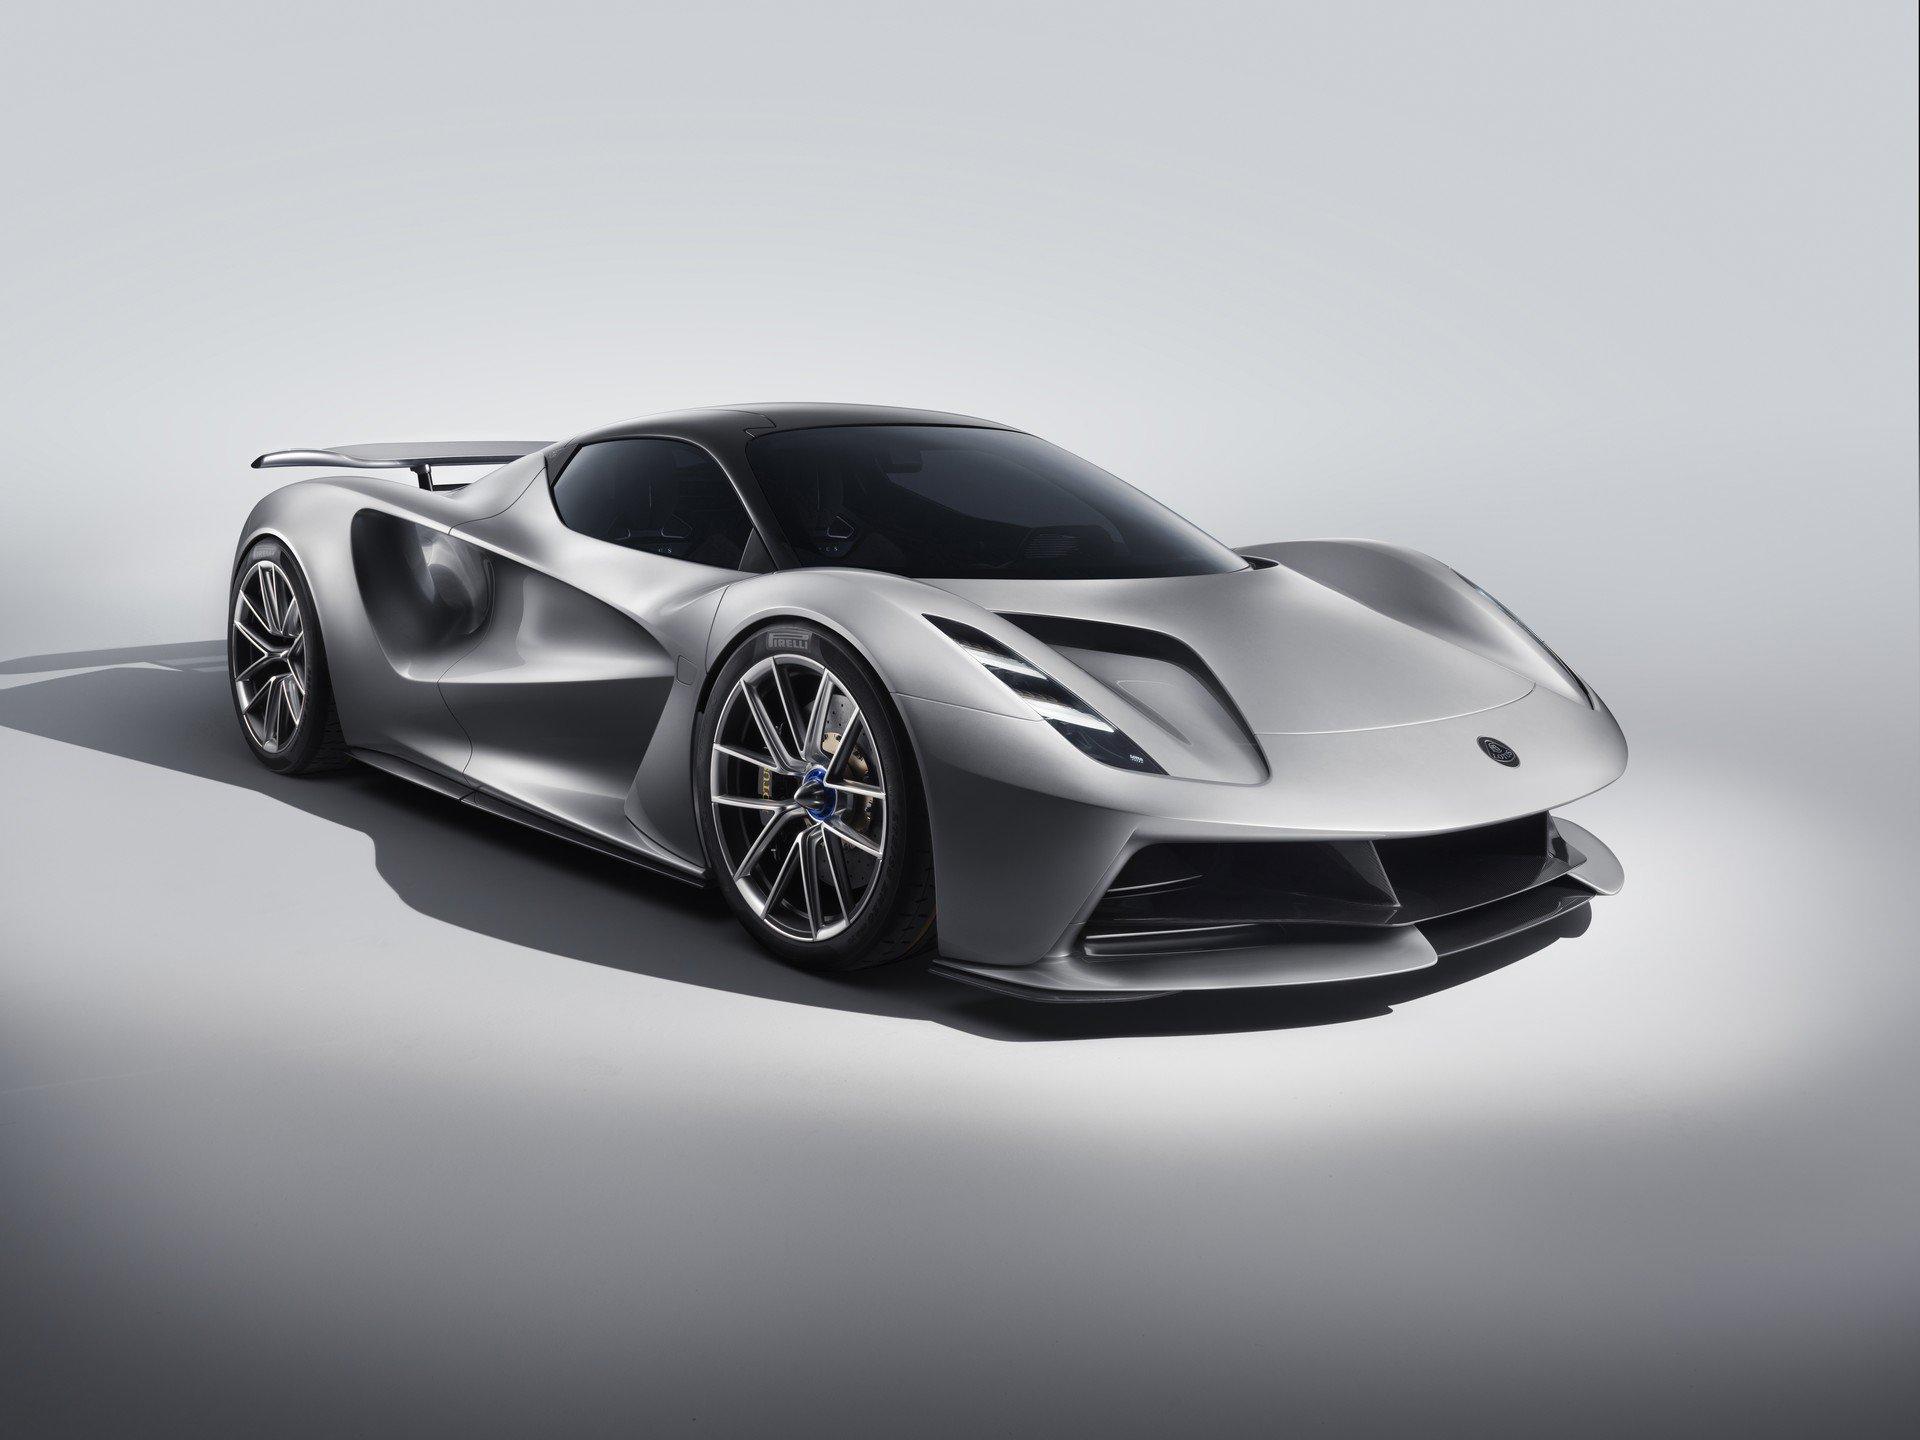 Запознајте го најмоќниот патнички автомобил во светот / ФОТО+ВИДЕО